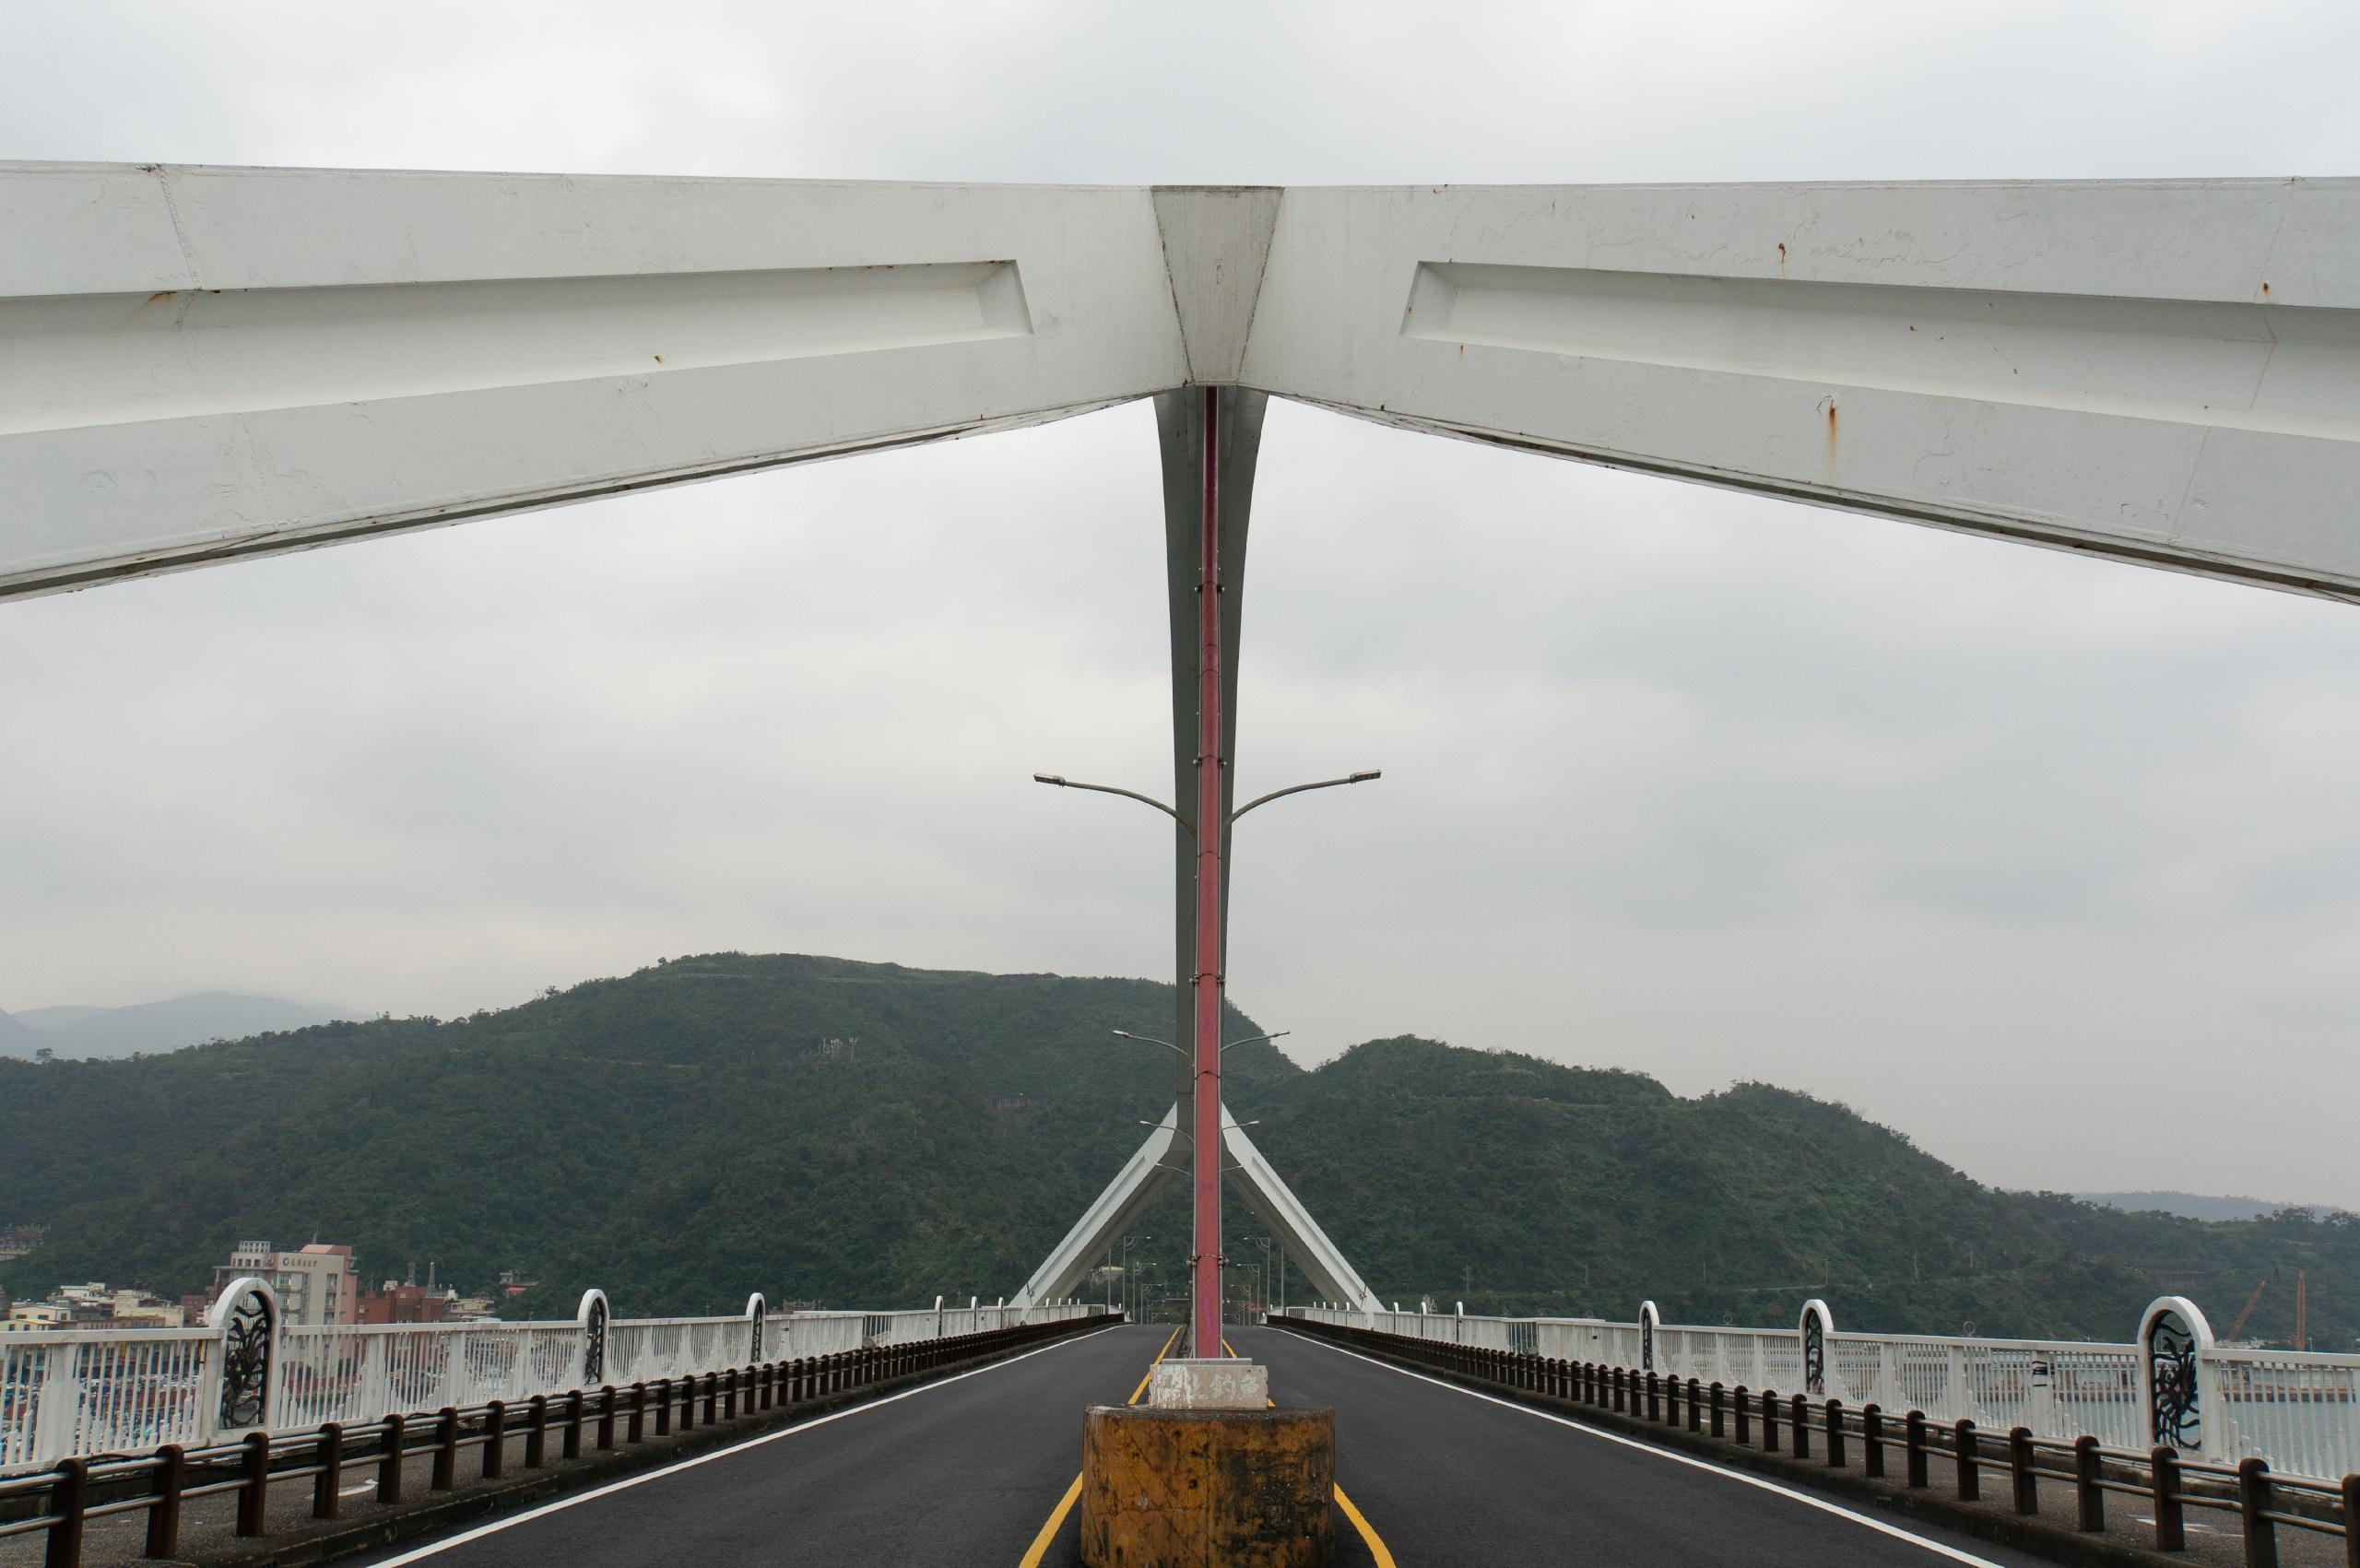 台灣宜蘭有大橋斷裂 壓毀多艘漁船多人受傷 | TMHK - Truth Media (Hong Kong)